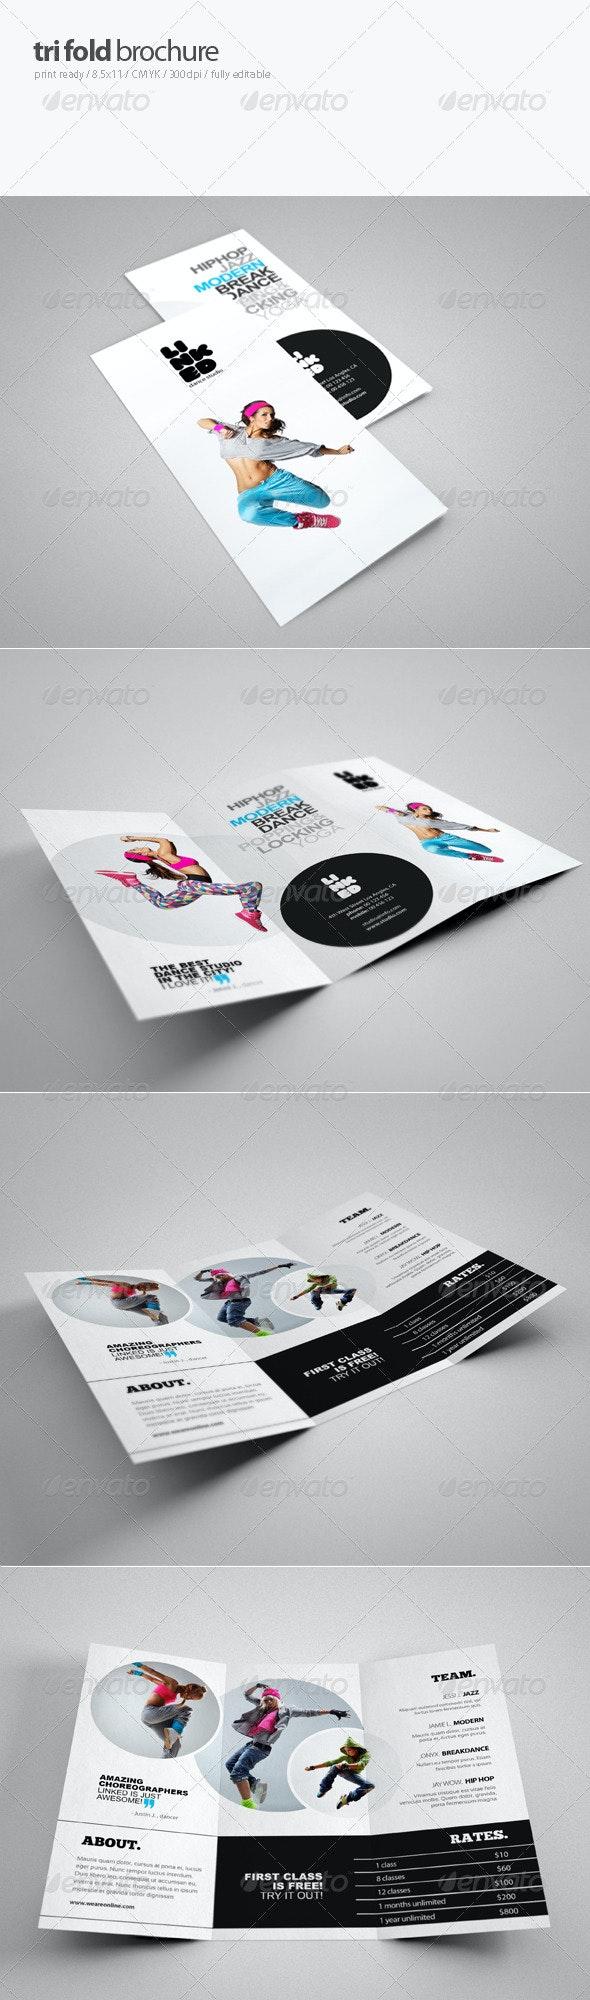 Dance Studio Brochure 3 - Brochures Print Templates